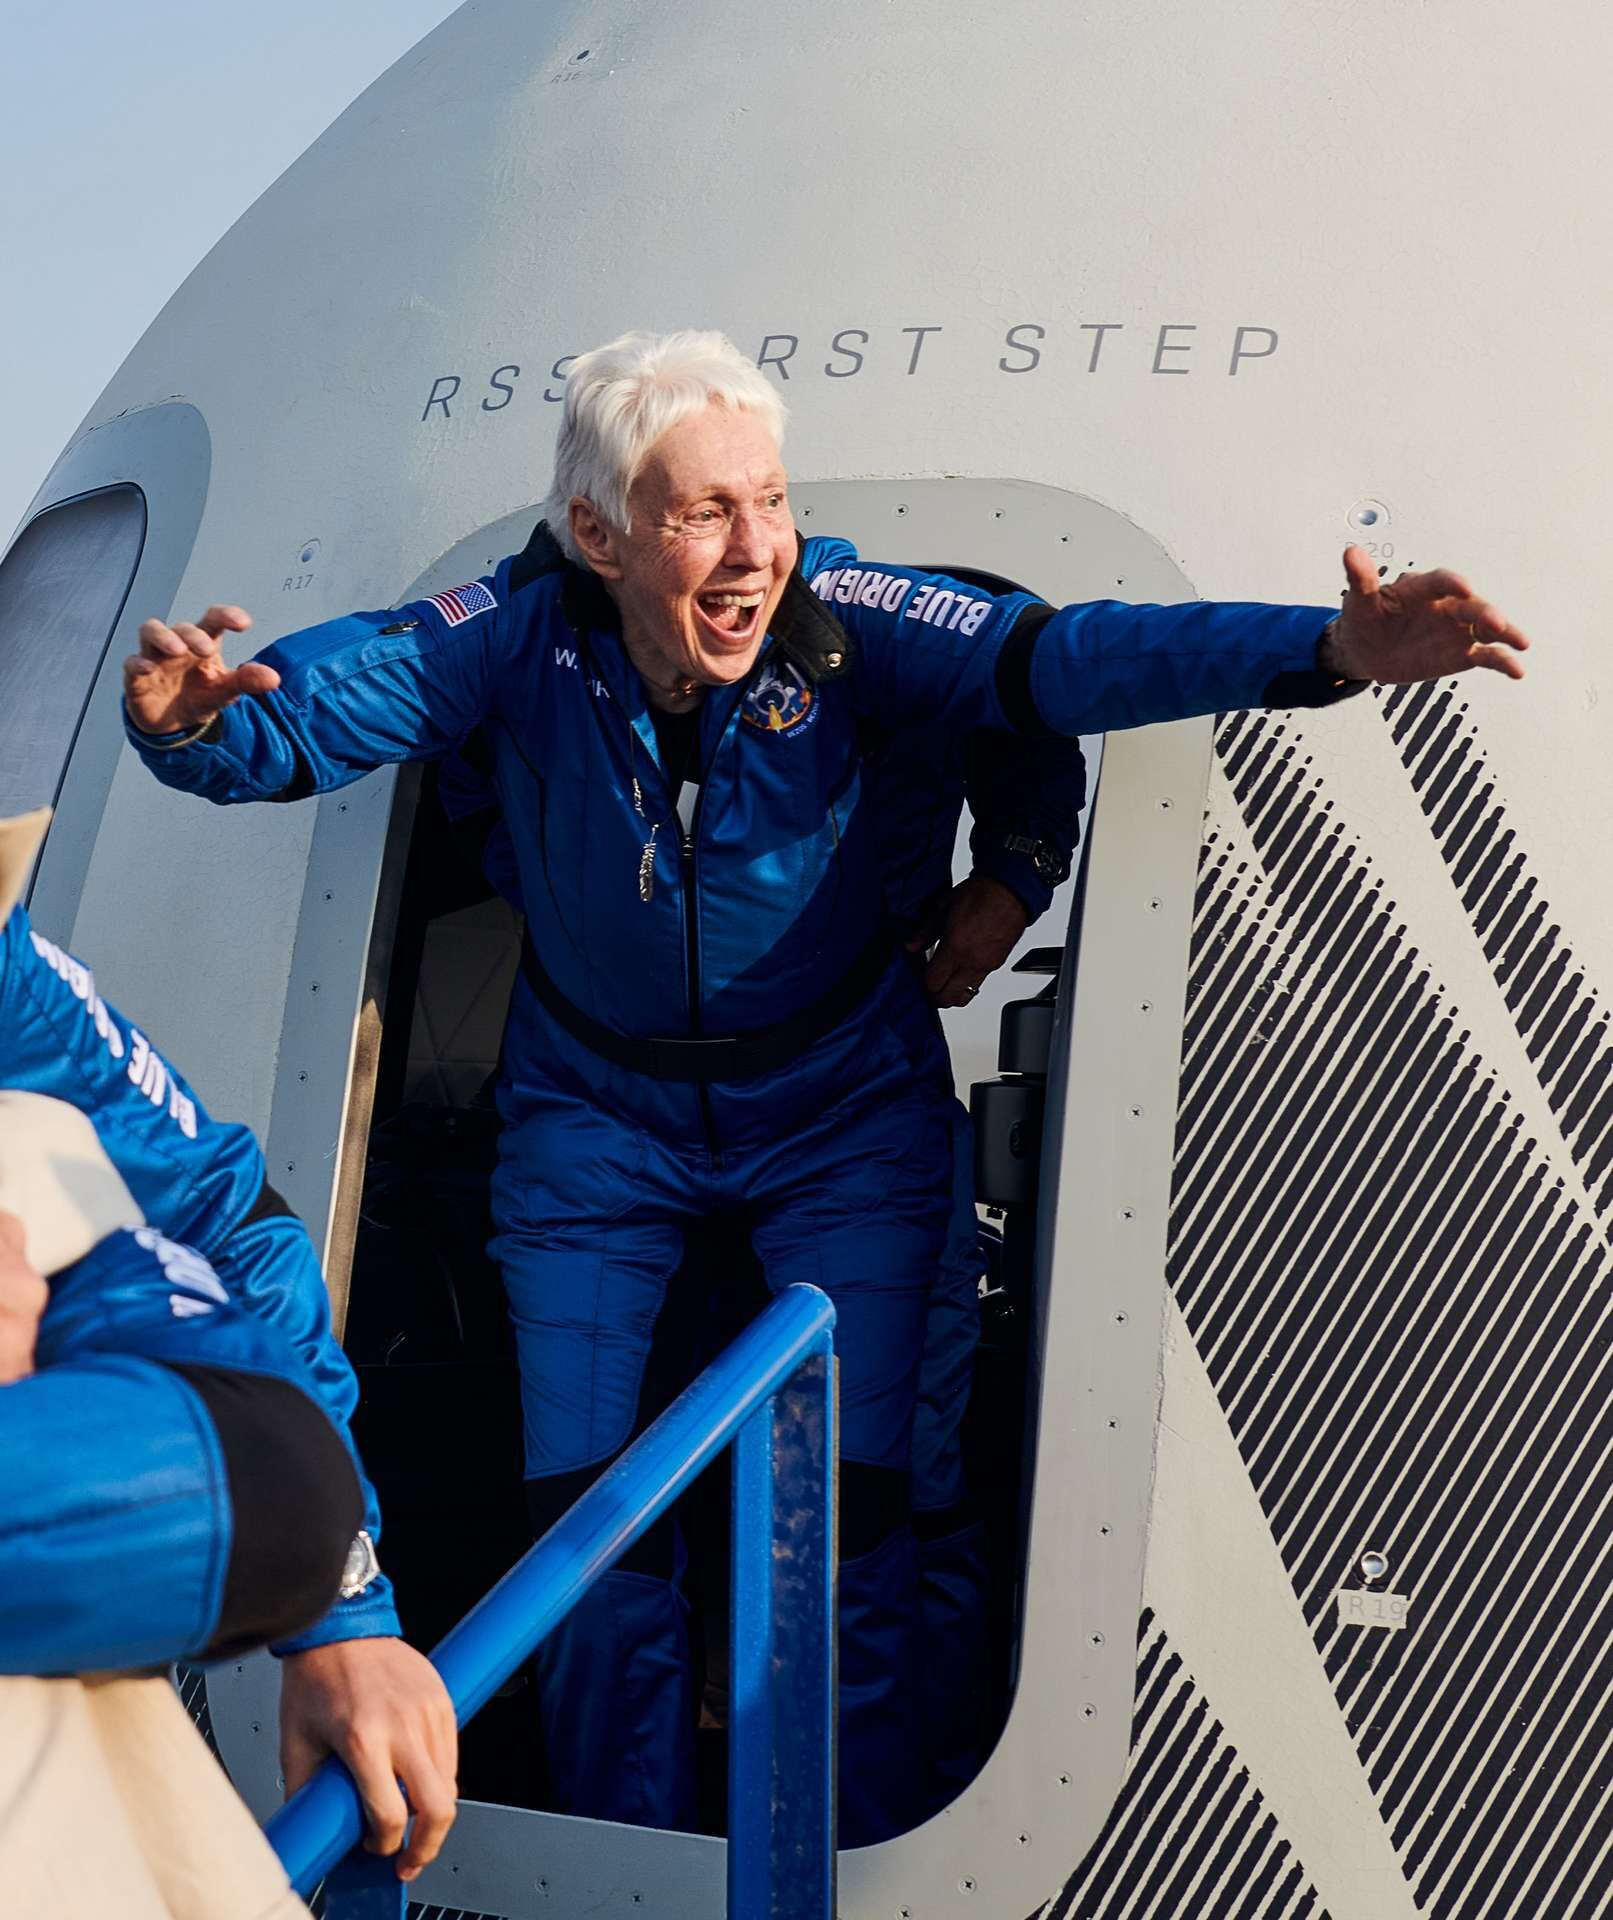 Wally Funk, à 82 ans, a accompagné Jeff Bezos, son frère, et Oliver Daemen dans le premier vol spatial habité de Blue Origin qui s'est déroulé avec succès ce mardi 20 juillet. L'aviatrice américaine cumulant 19.600 heures de vol est la personne la plus âgée à avoir voyagé dans l'espace.